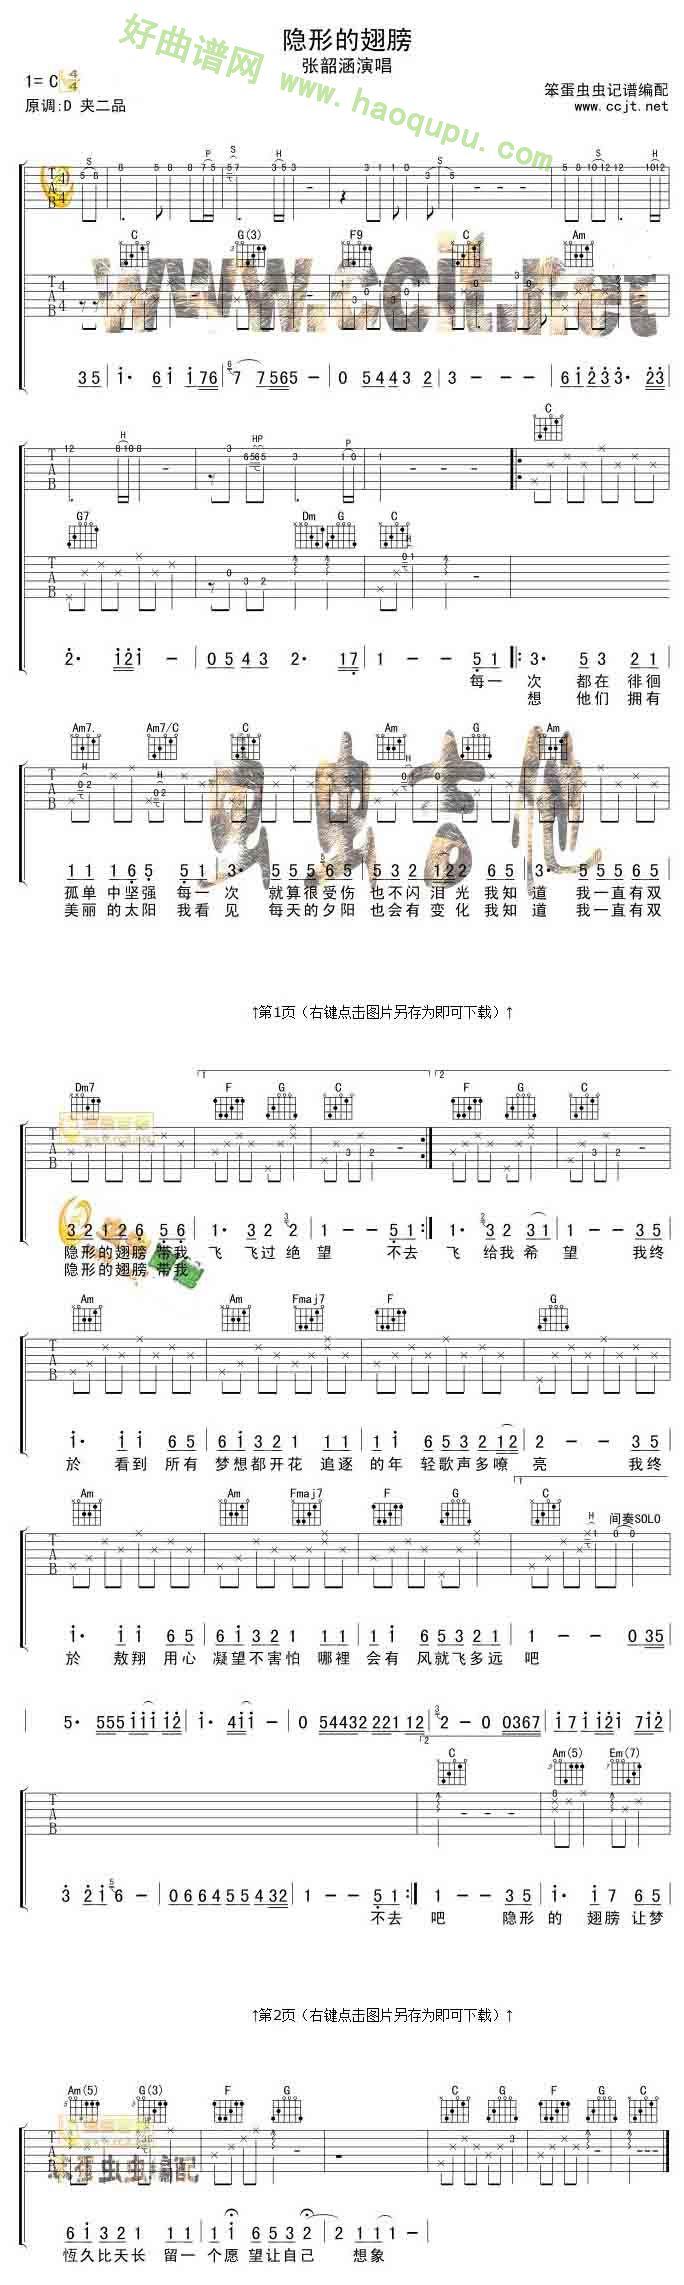 《隐形的翅膀》 - 吉他谱_吉他曲谱_吉他歌谱 - 好